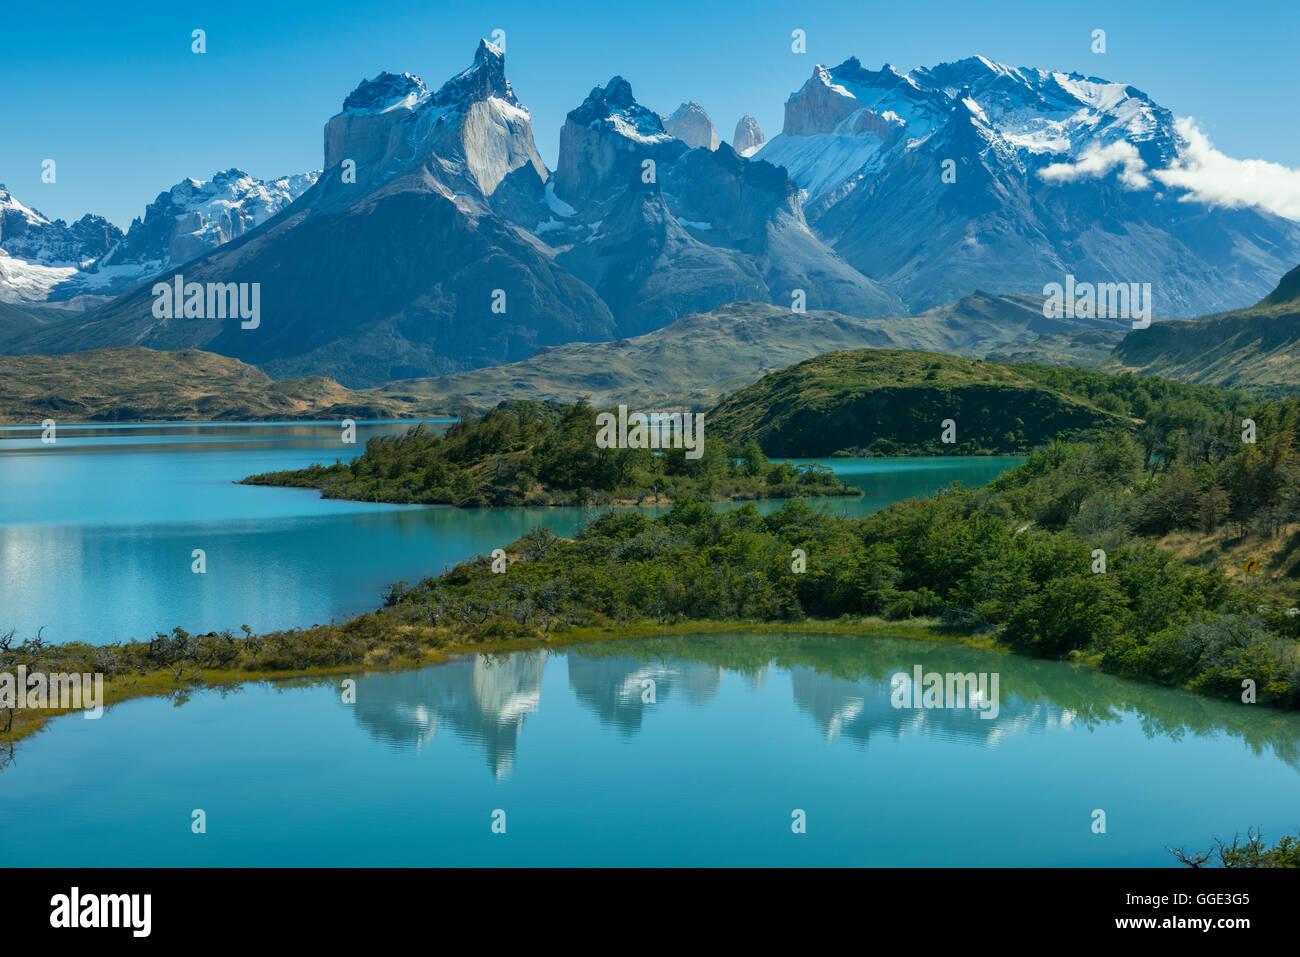 South America; Patagonia; Chile; Región de Magallanes y la Antártica,Torres del Paine; National Park; - Stock Image